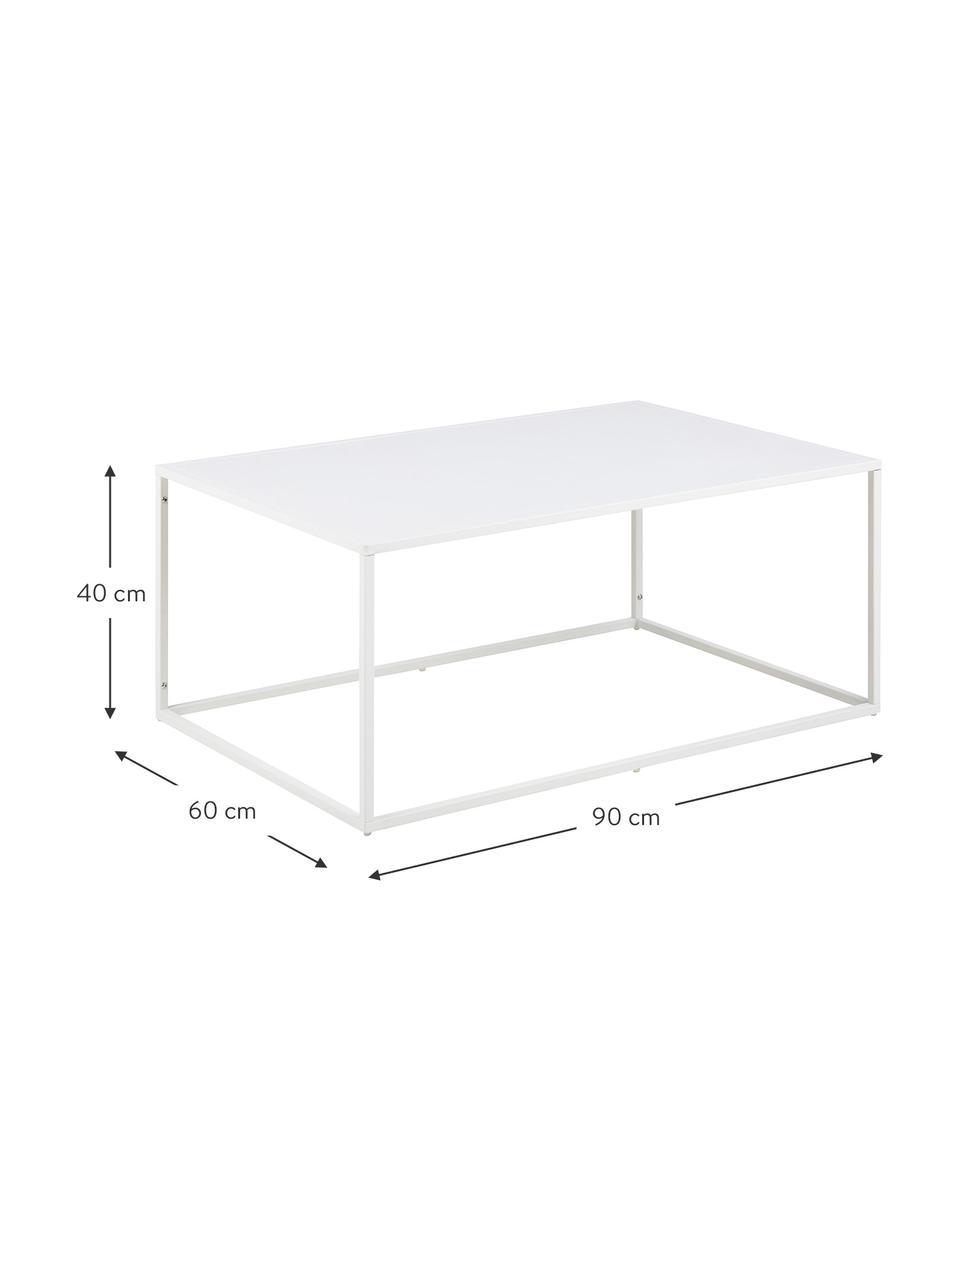 Metalen salontafel Newton in wit, Gepoedercoat metaal, Wit, B 90  x D 60 cm